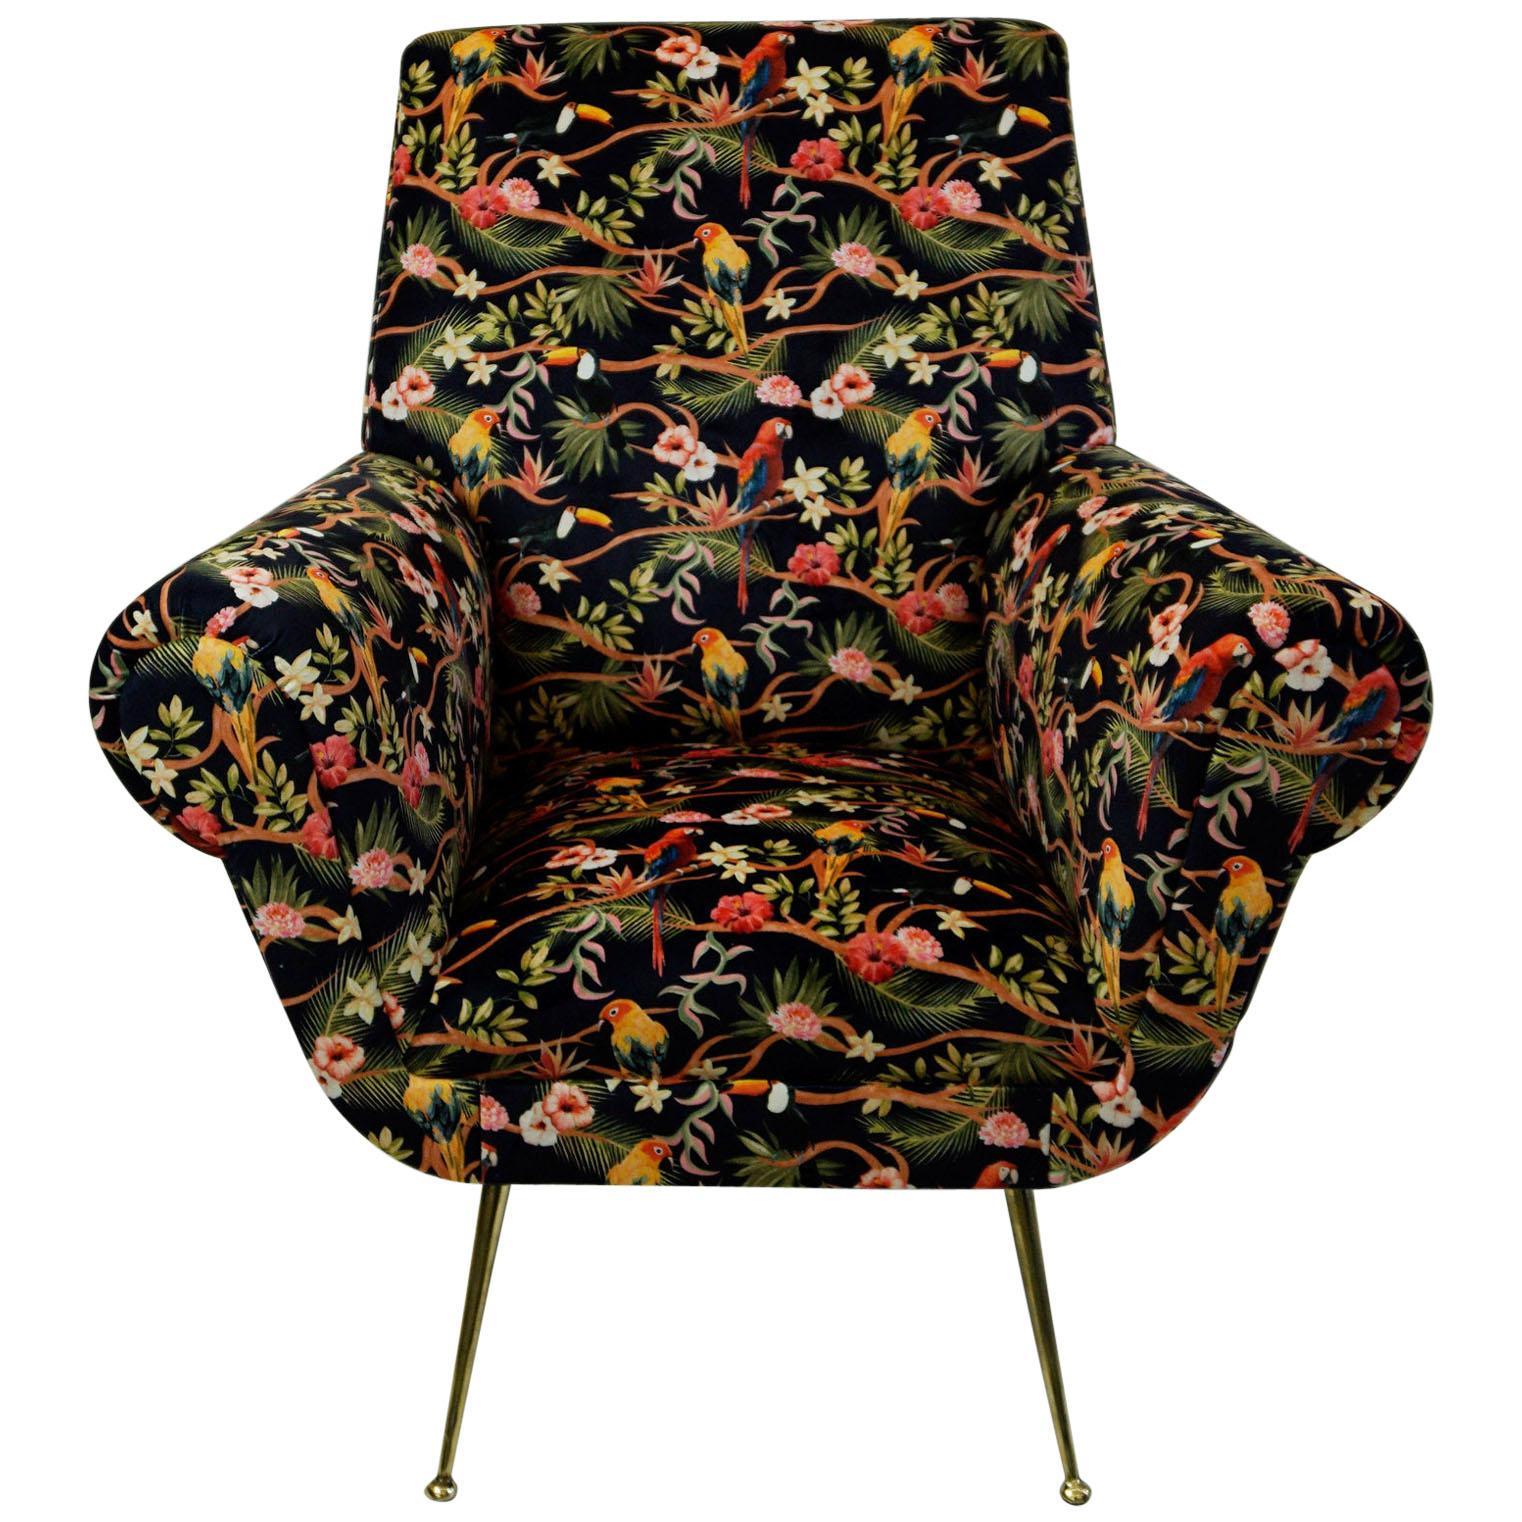 Italian Midcentury Floral Black Velvet Armchair by Gigi Radice for Minotti